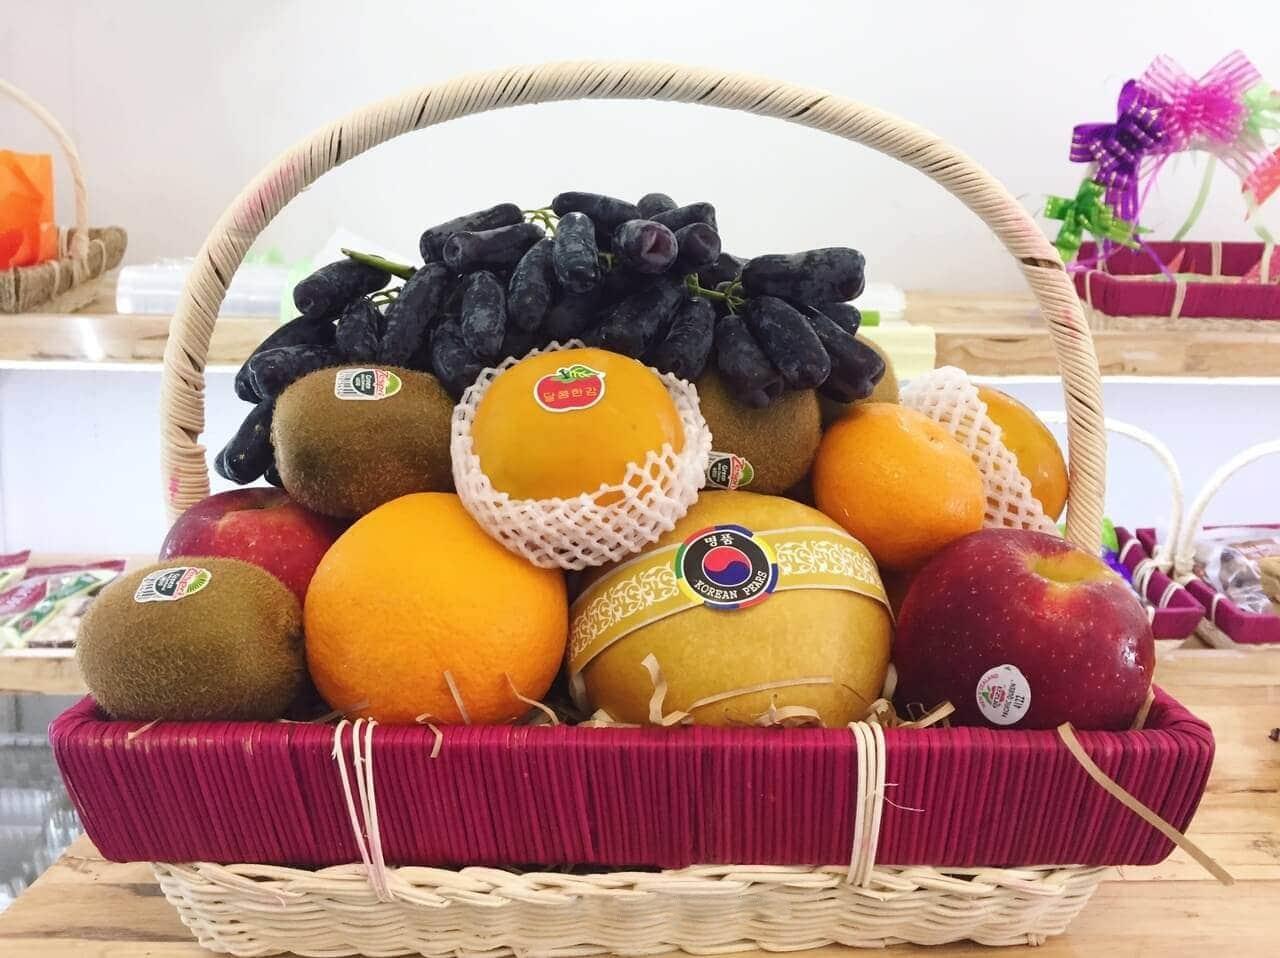 Giỏ trái cây làm quà Tết biếu ba mẹ người yêu